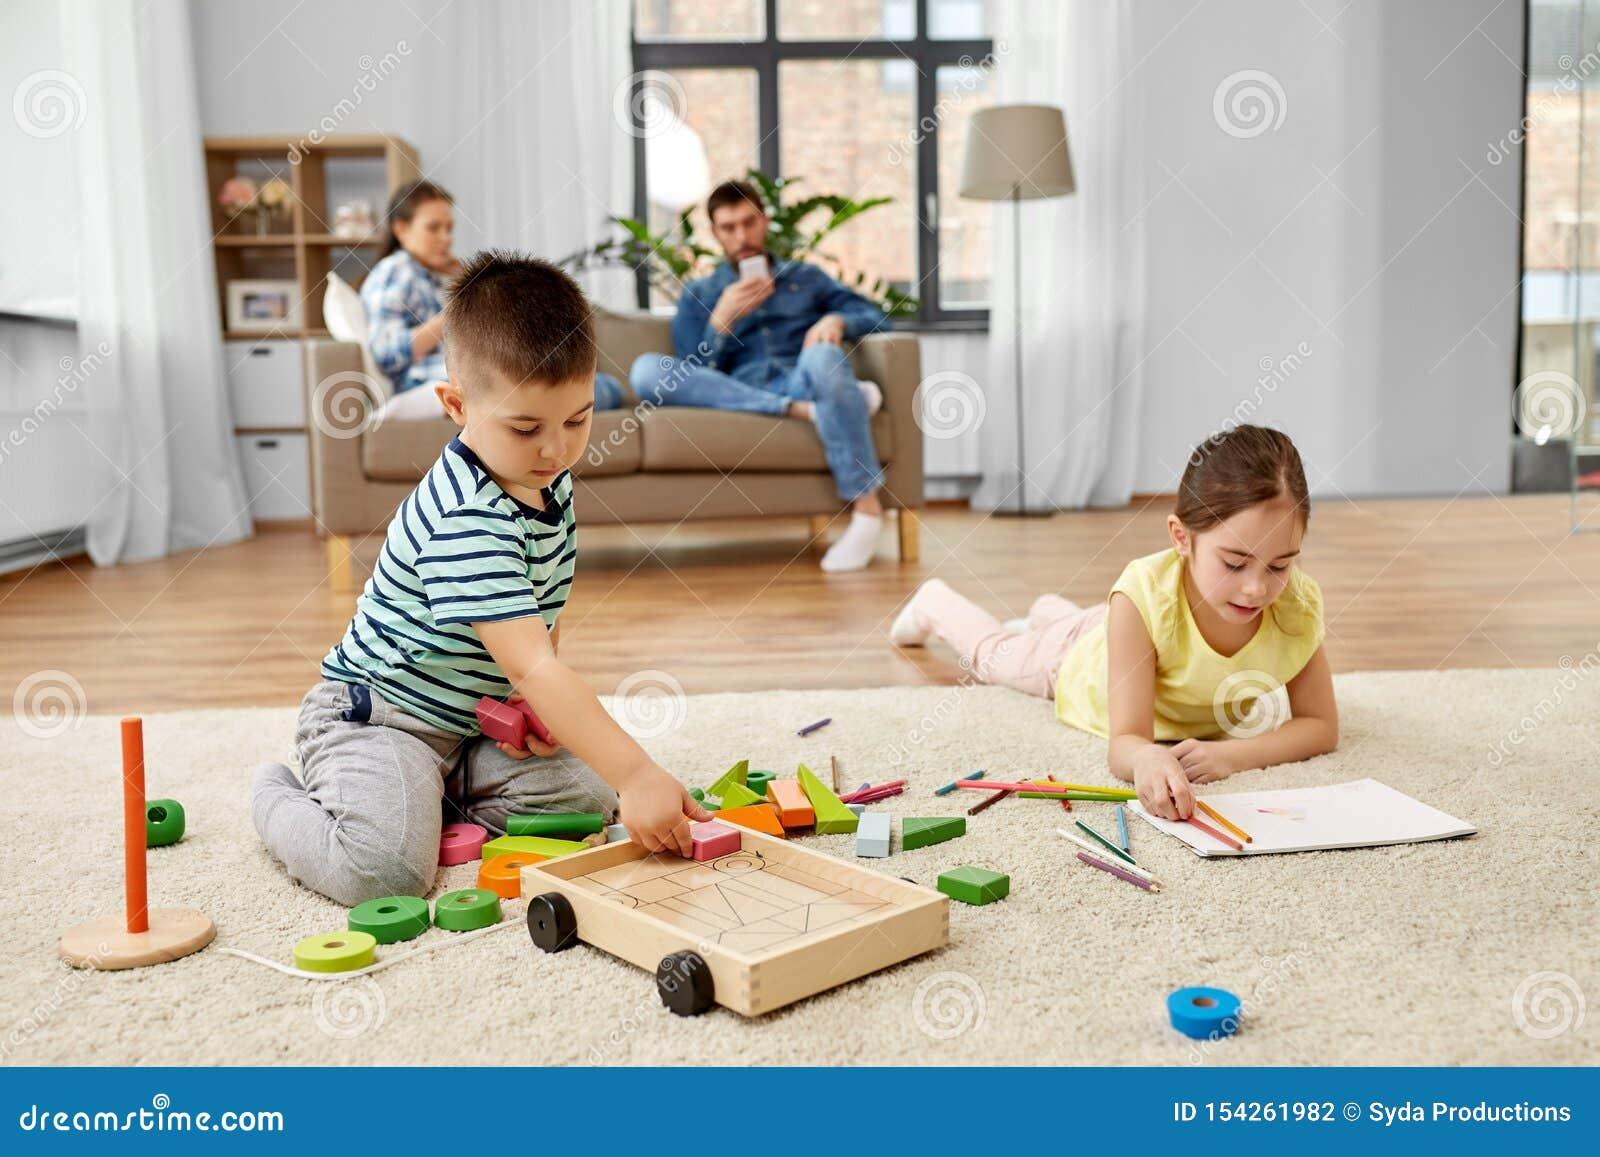 Bruder und Schwester spielen Spiel